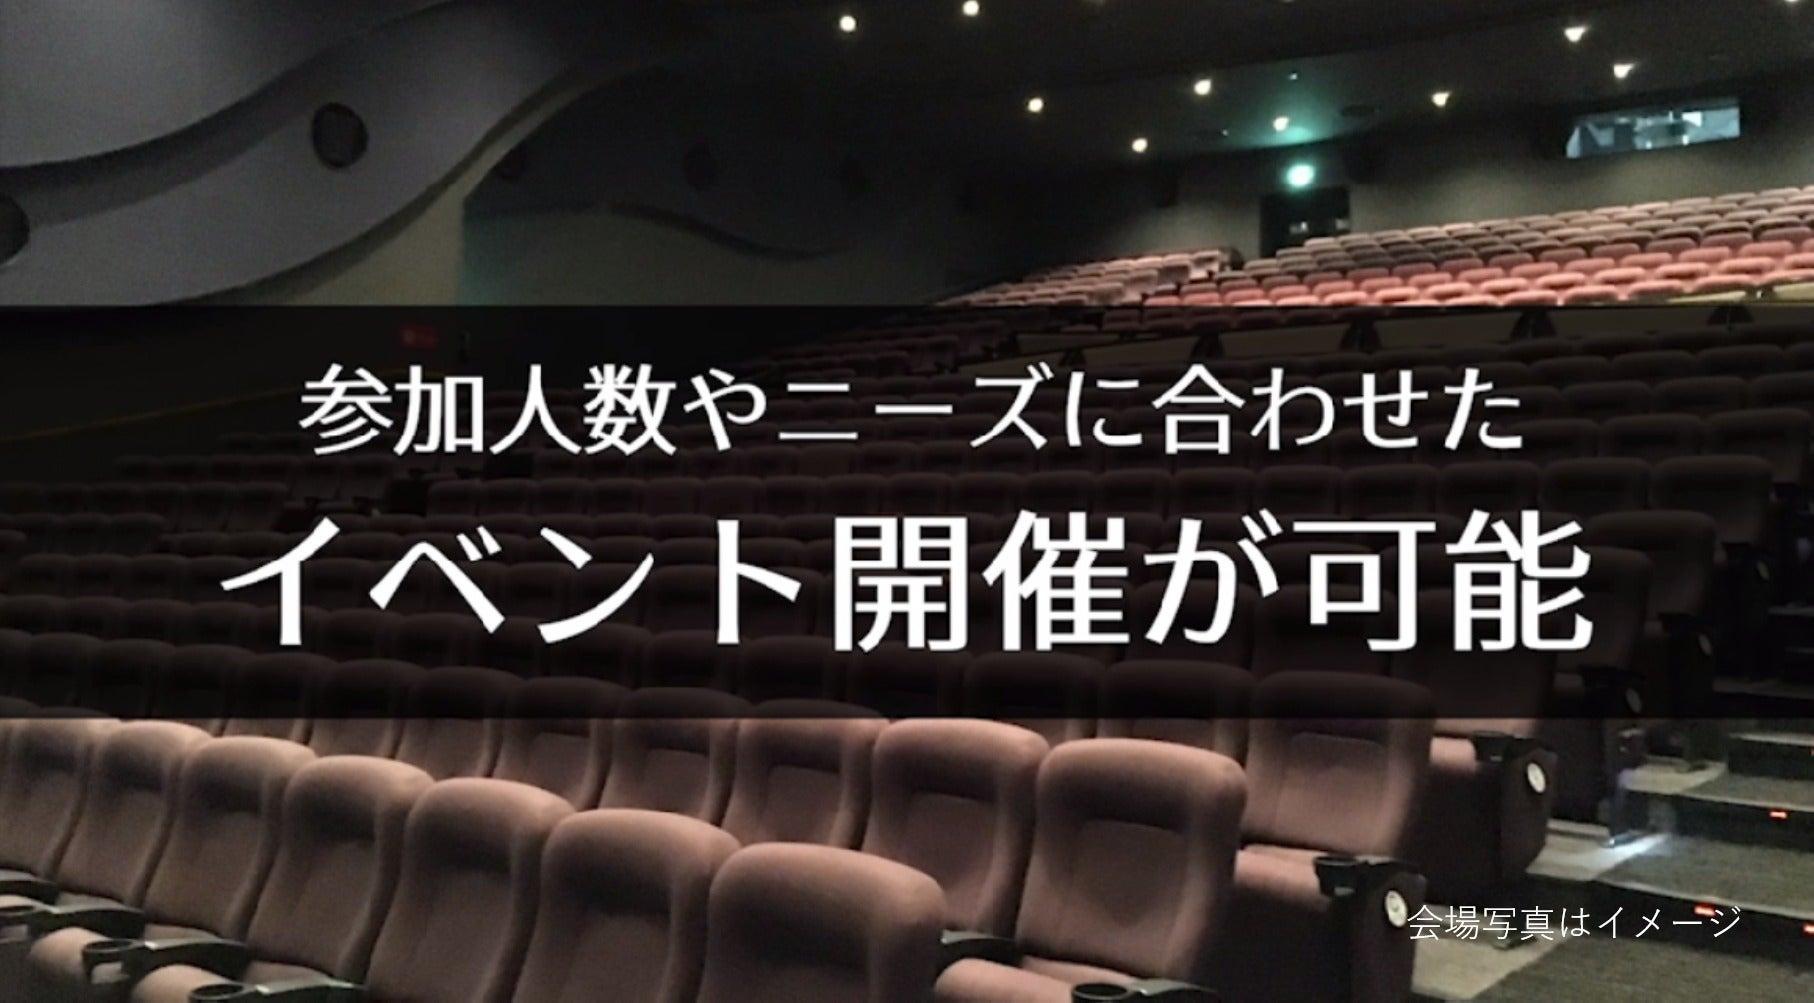 【熊本 418席】映画館で、会社説明会、株主総会、講演会の企画はいかがですか?(ユナイテッド・シネマ熊本) の写真0